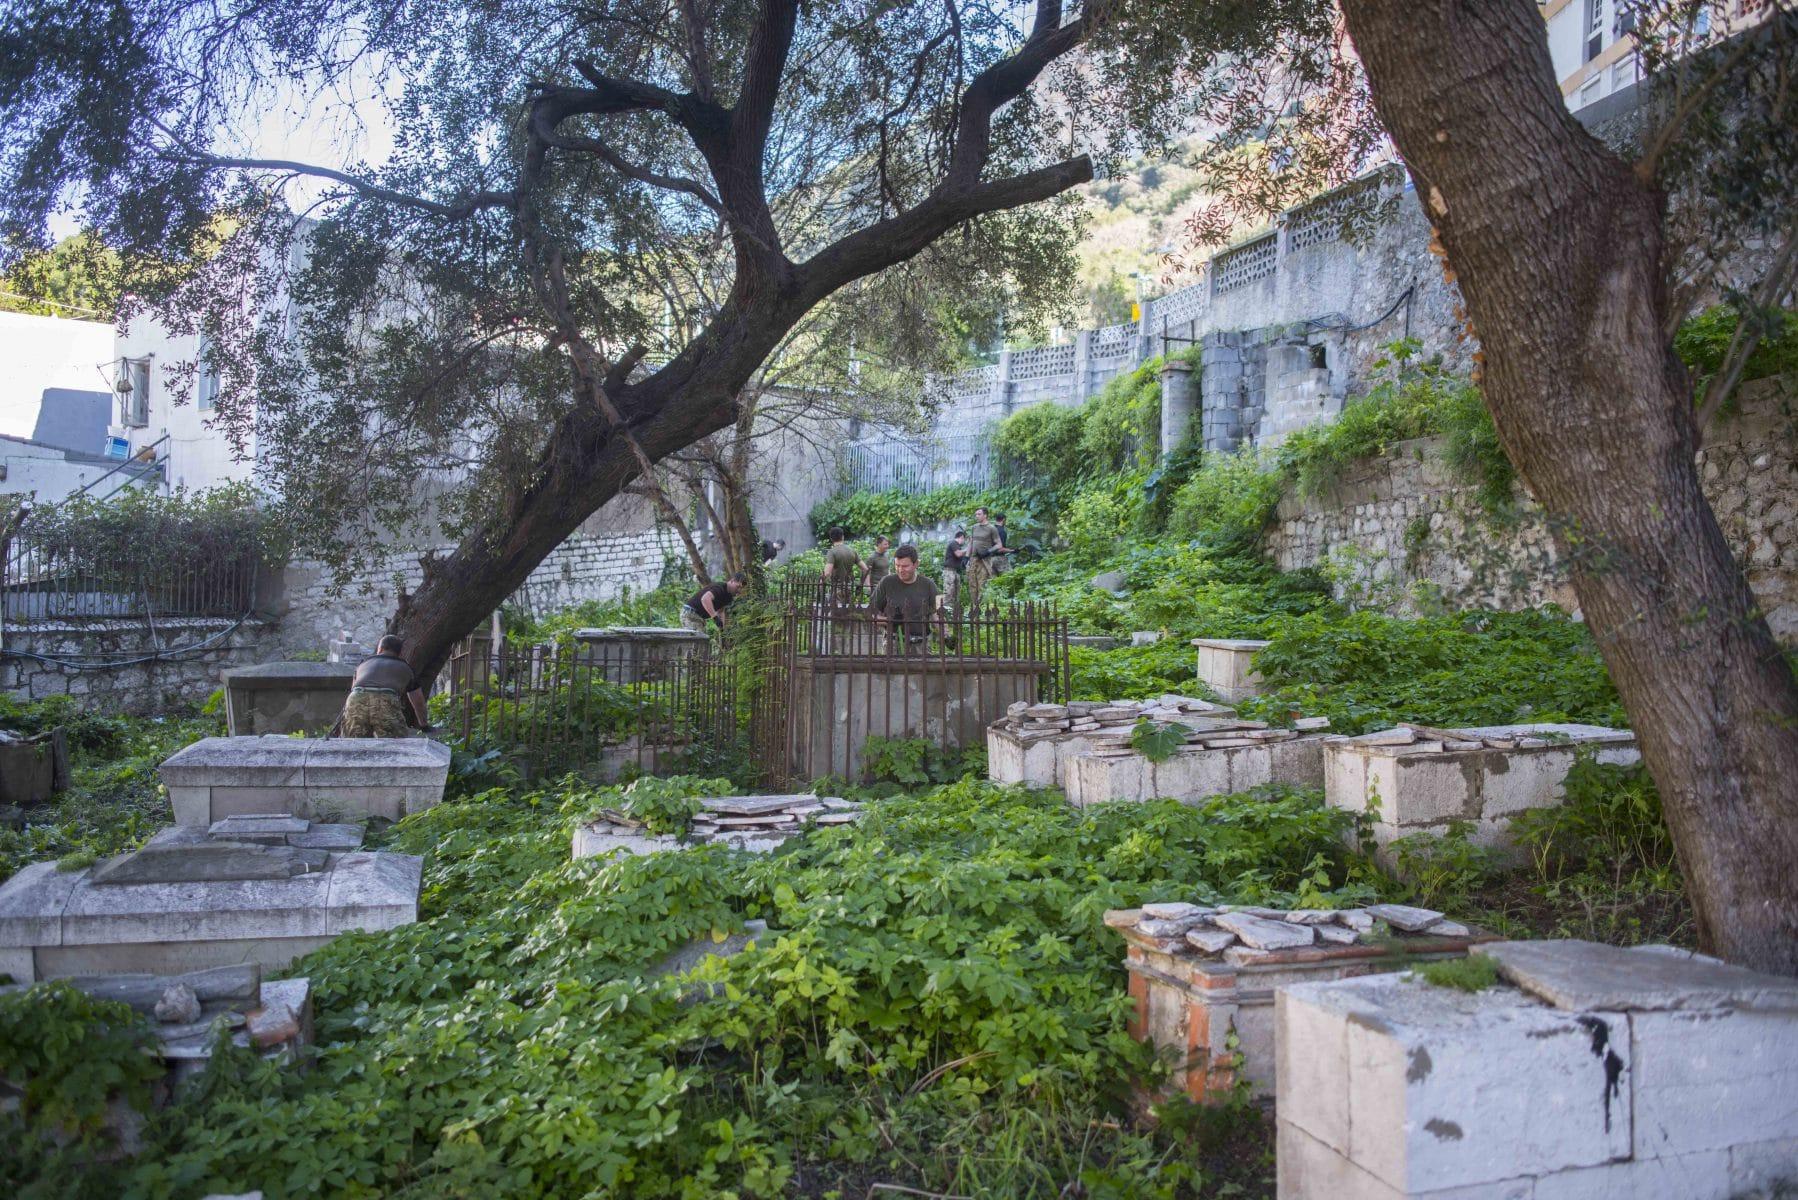 restauracin-cementerio-witham-17_25384709211_o